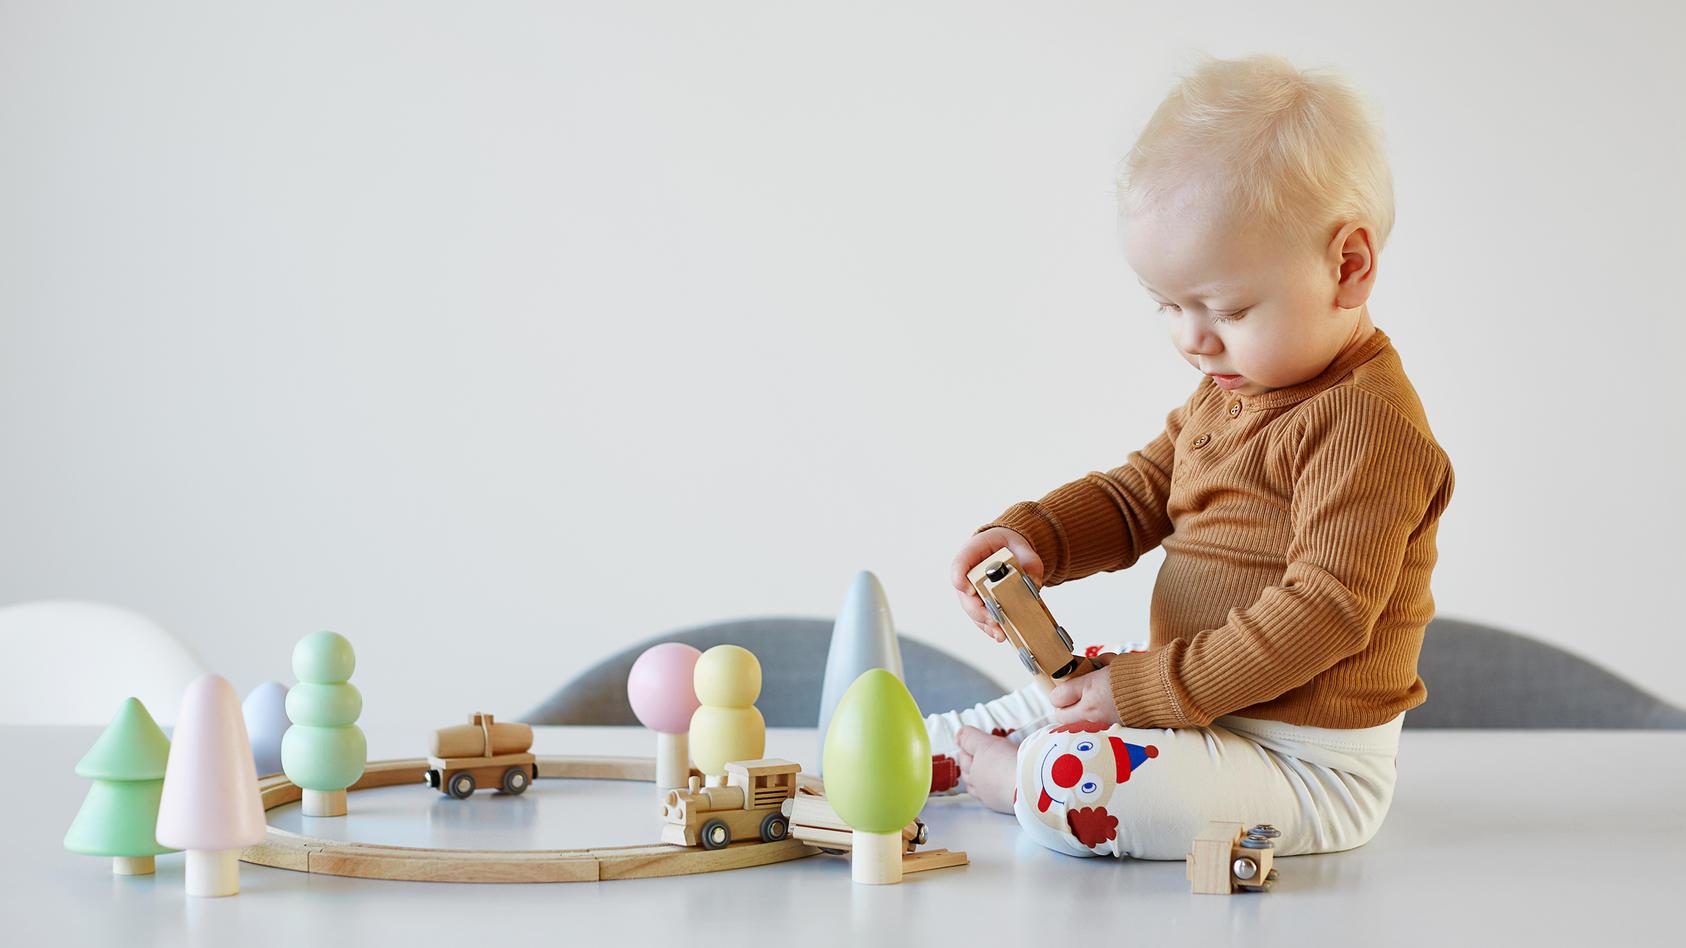 Nach knapp einem Lebensjahr kann das Baby schon einiges: Es lernt das Prinzip der Reihenfolge zu verstehen und entwickelt seine motorischen Fähigkeiten weiter.